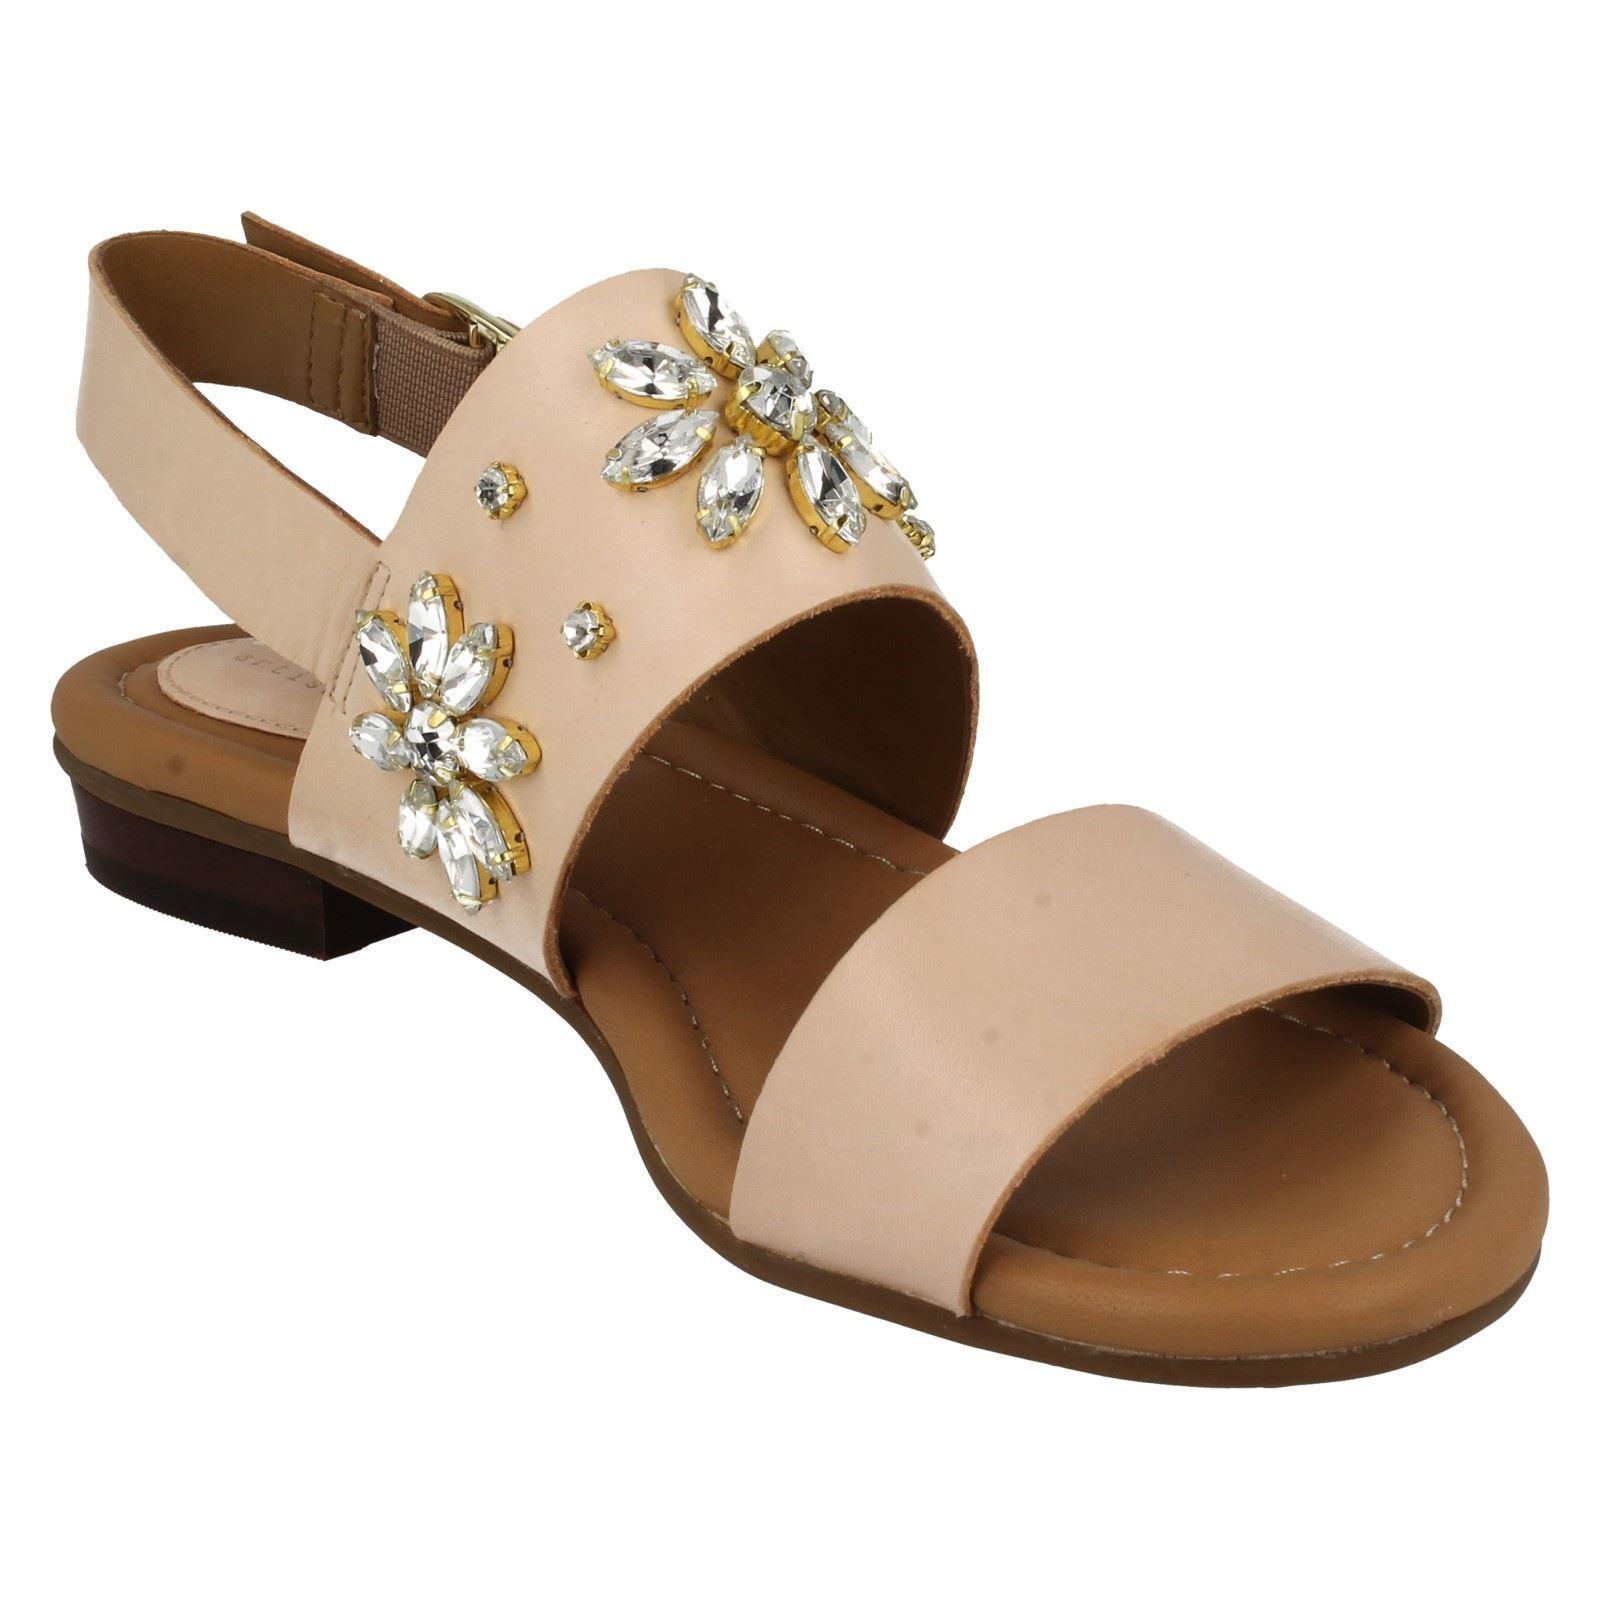 Clarks Viveca sandalo MELROSE Nudo di donna sandalo Viveca con cinturino alla caviglia taglia 9a0f8a